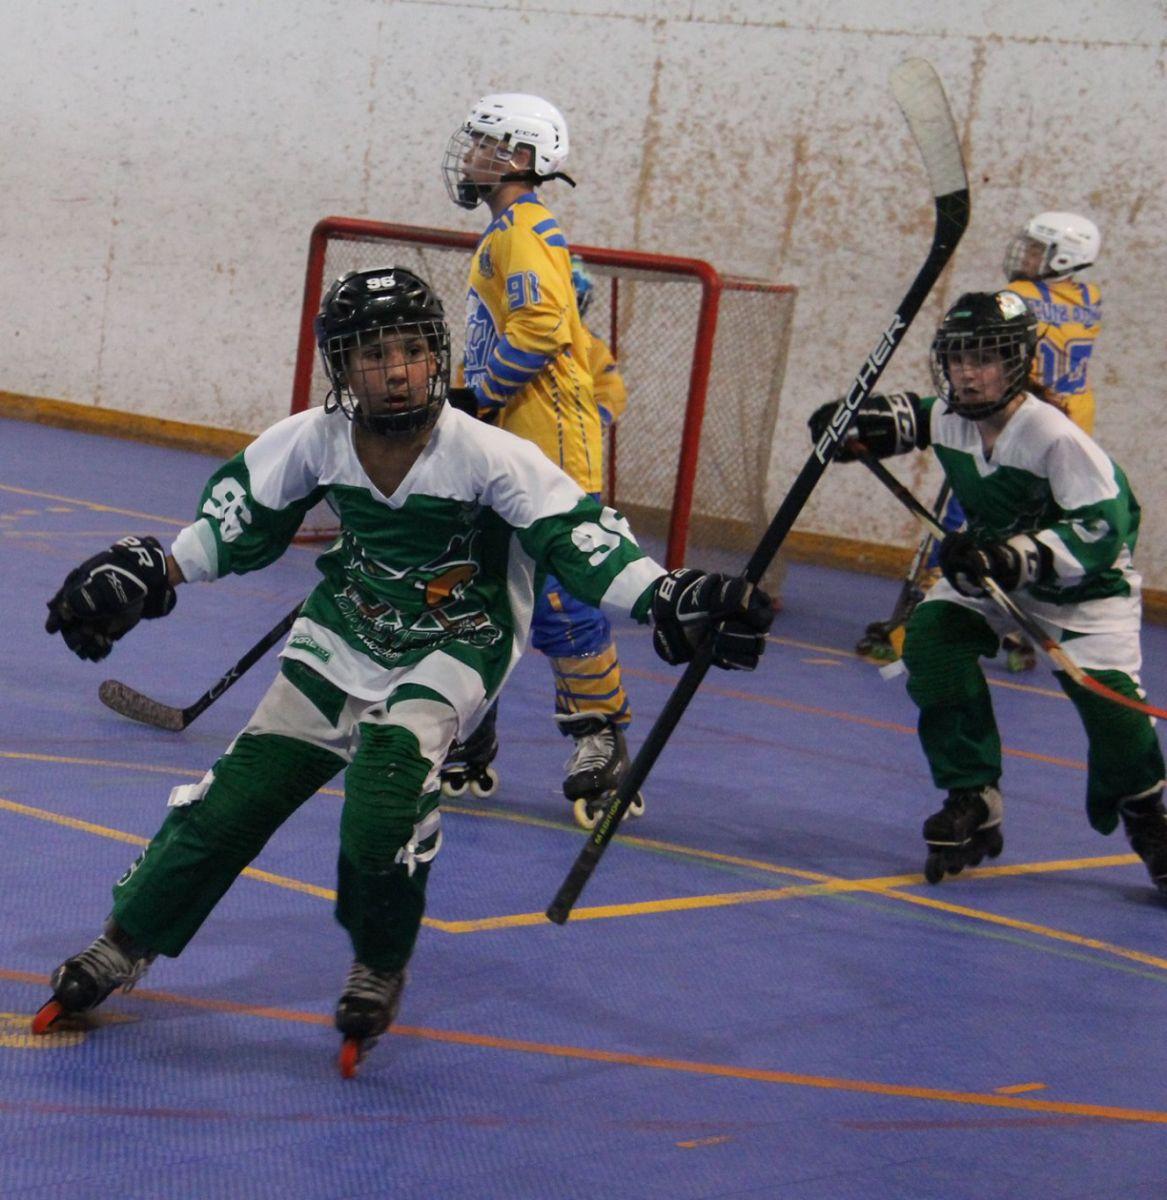 FPHP/Divulgação _ O Sub-12 do Verdão venceu a AABB em uma das partidas